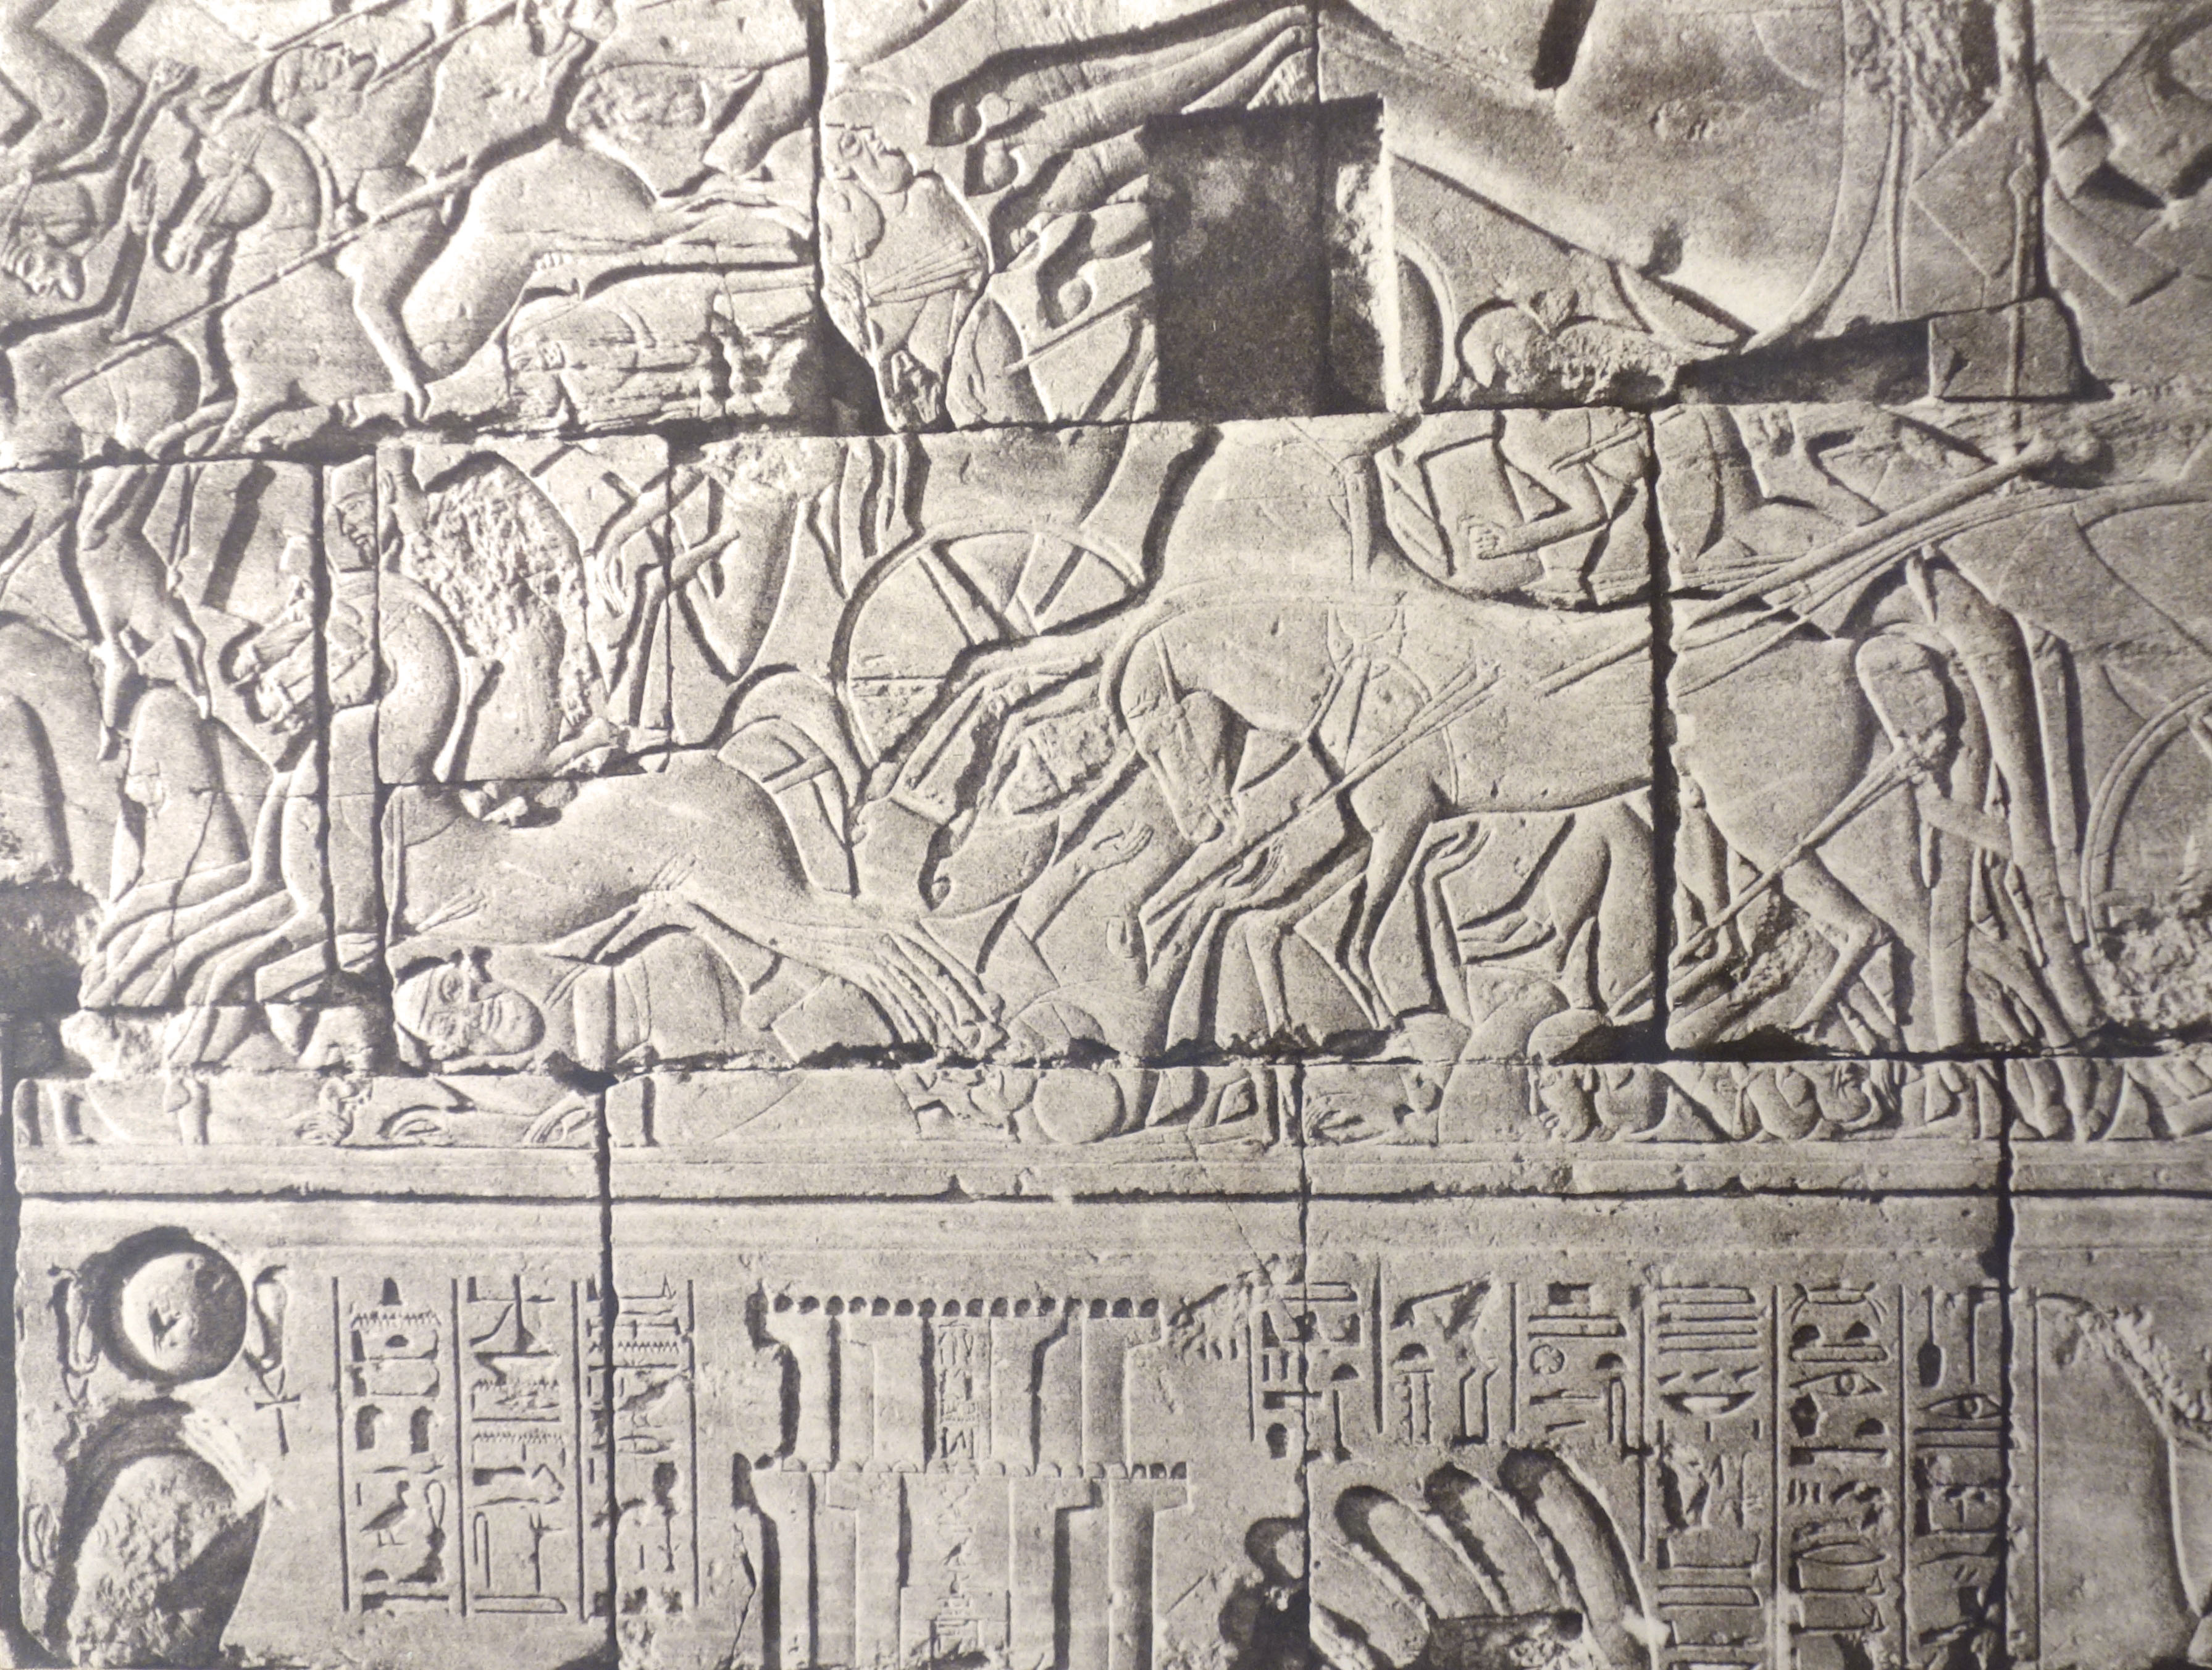 Fotó: Félix Teynard: Karnak. Dombormű a palota falán. Az oszlopcsarnok északi külső fala. Széthi elfoglalja Yenoamot, 1851–1852, 21,5 x 30,5 cm, új nagyítás papírnegatívról